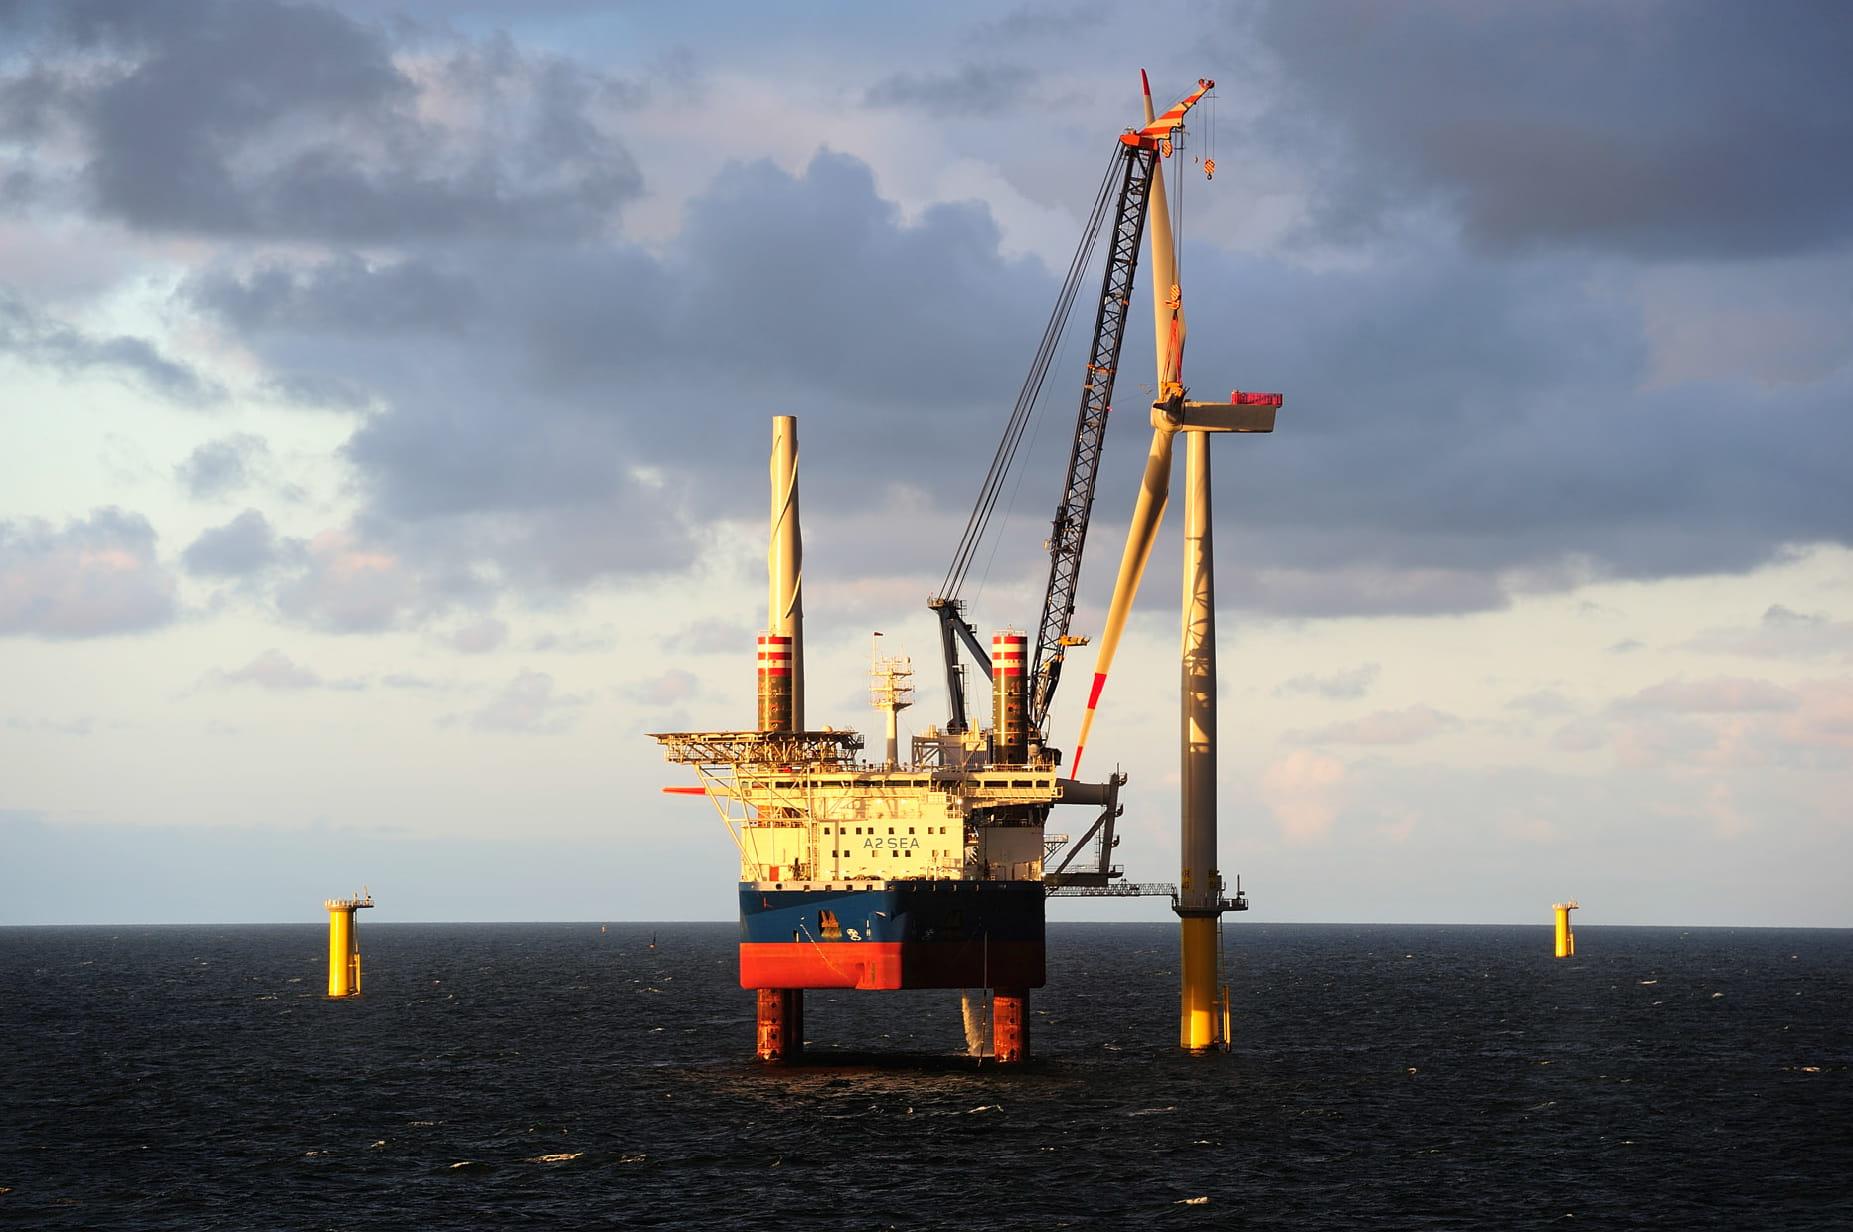 Ørsteds erster deutscher Offshore-Windpark ist Borkum Riffgrund 1. Rund 37km vor der Insel Borkum liefern 78 Windkraftanlagen Strom für umgerechnet 320.000 Haushalte.